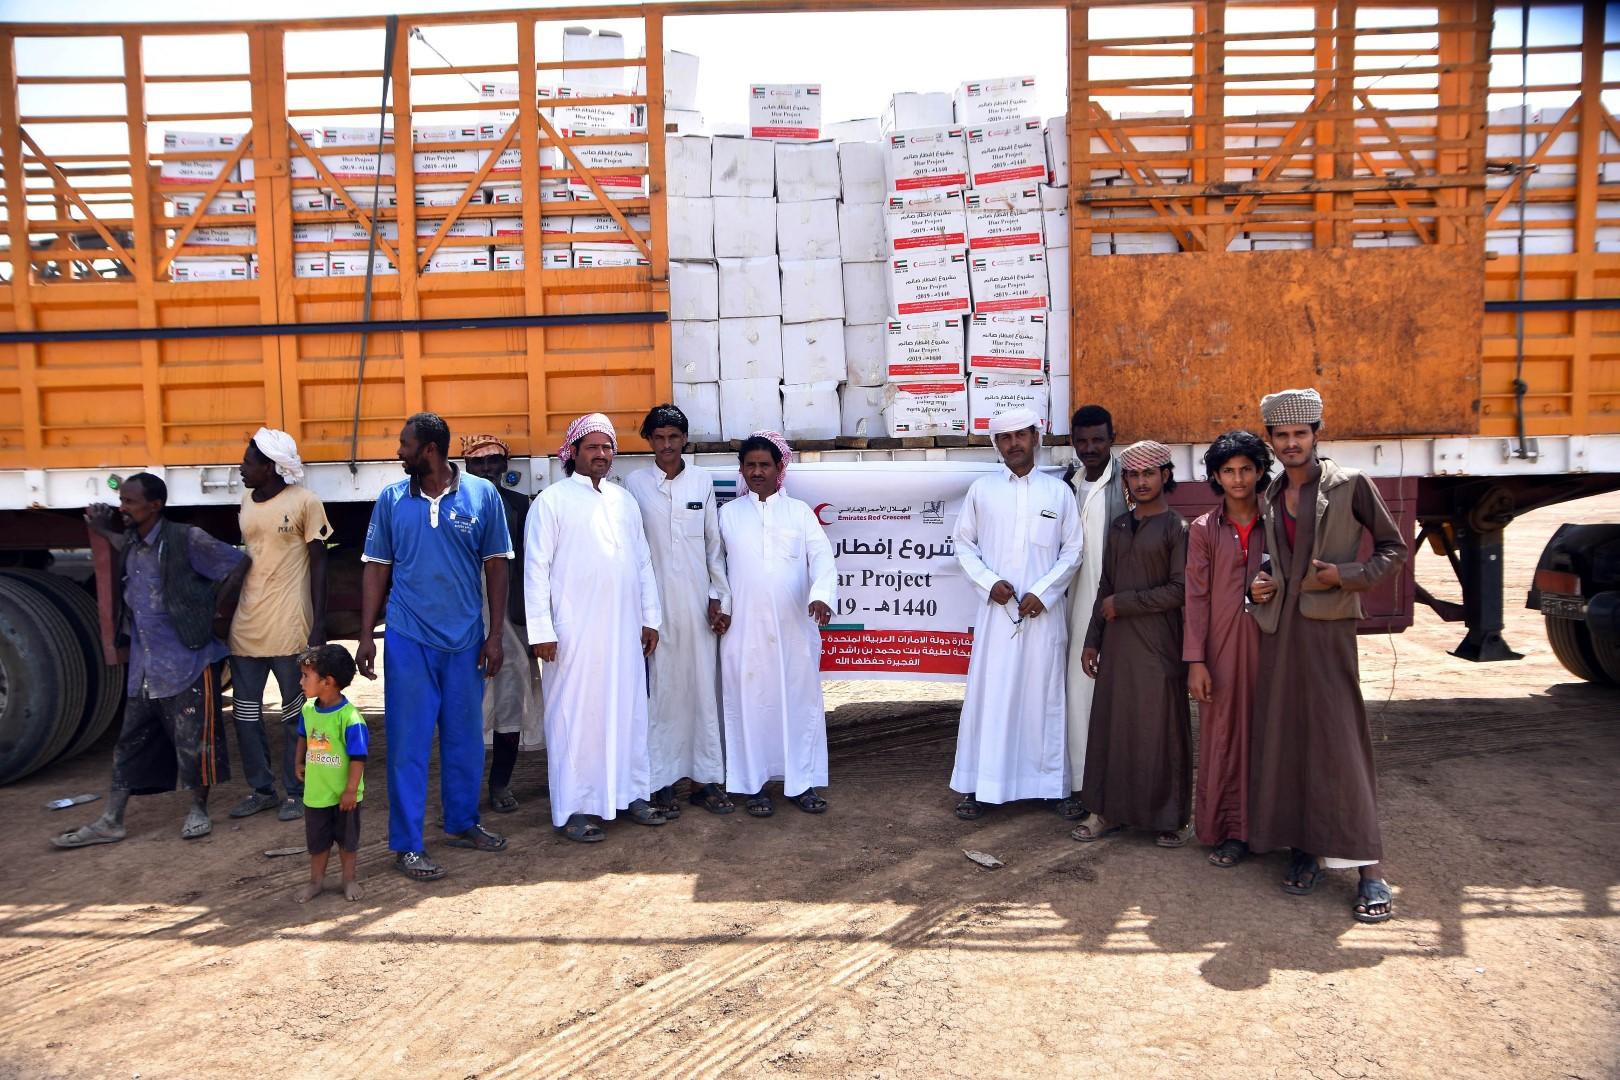 20 ألف مستفيد من المساعدات المقدمة من حرم ولي عهد الفجيرة في السودان